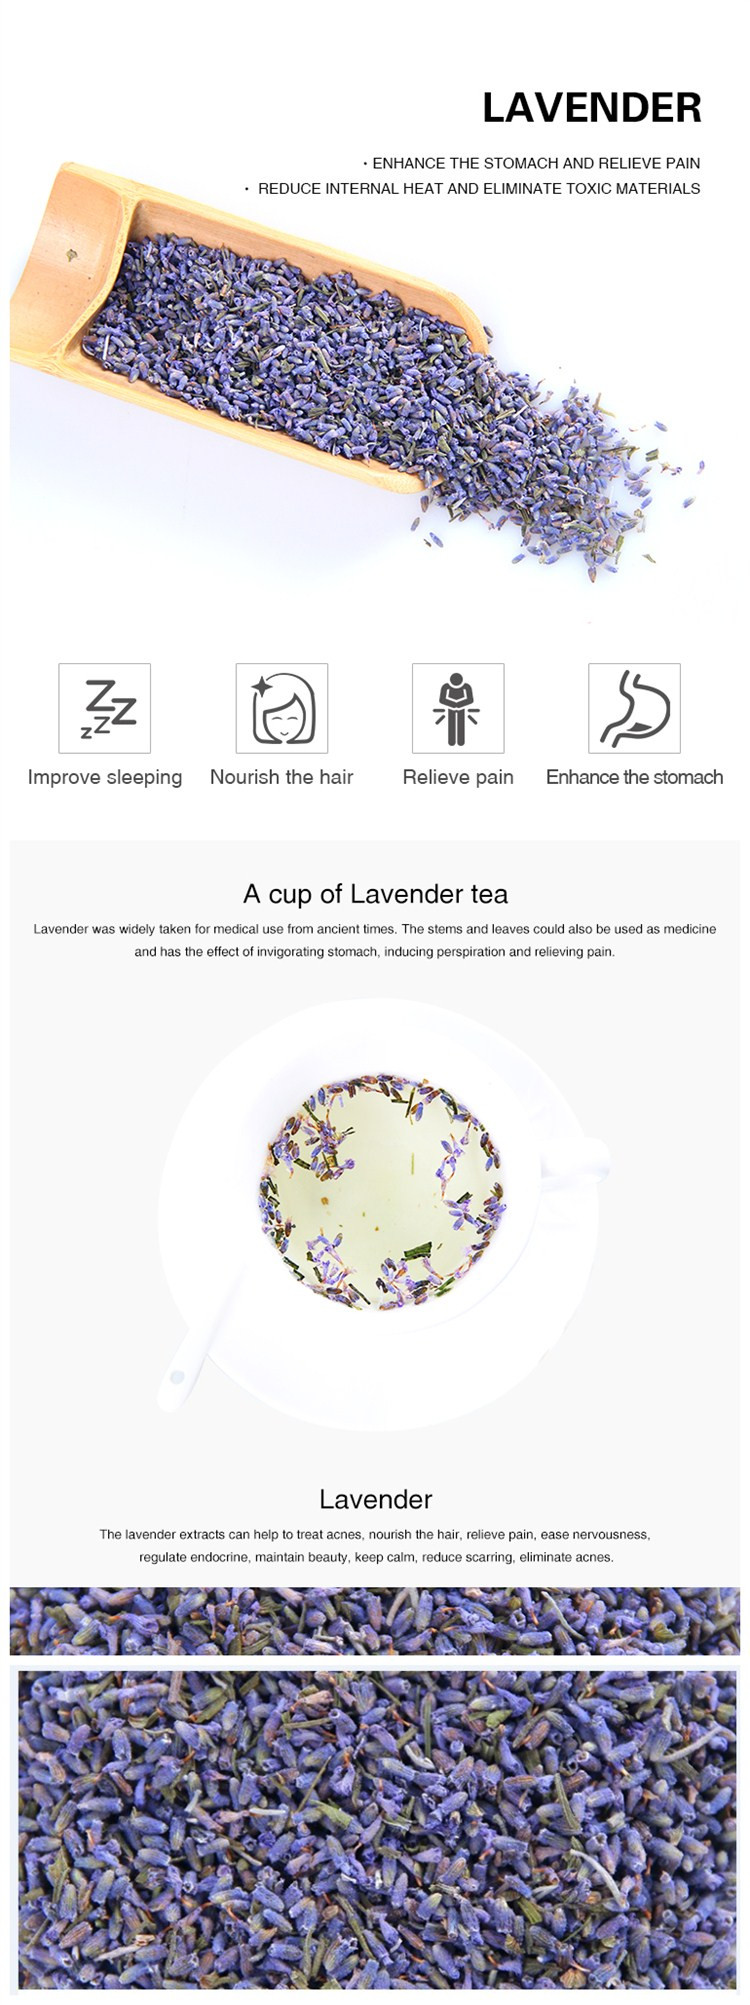 Flavor Tea Health Sleep Tea Scented Dried Flower Lavender - 4uTea | 4uTea.com